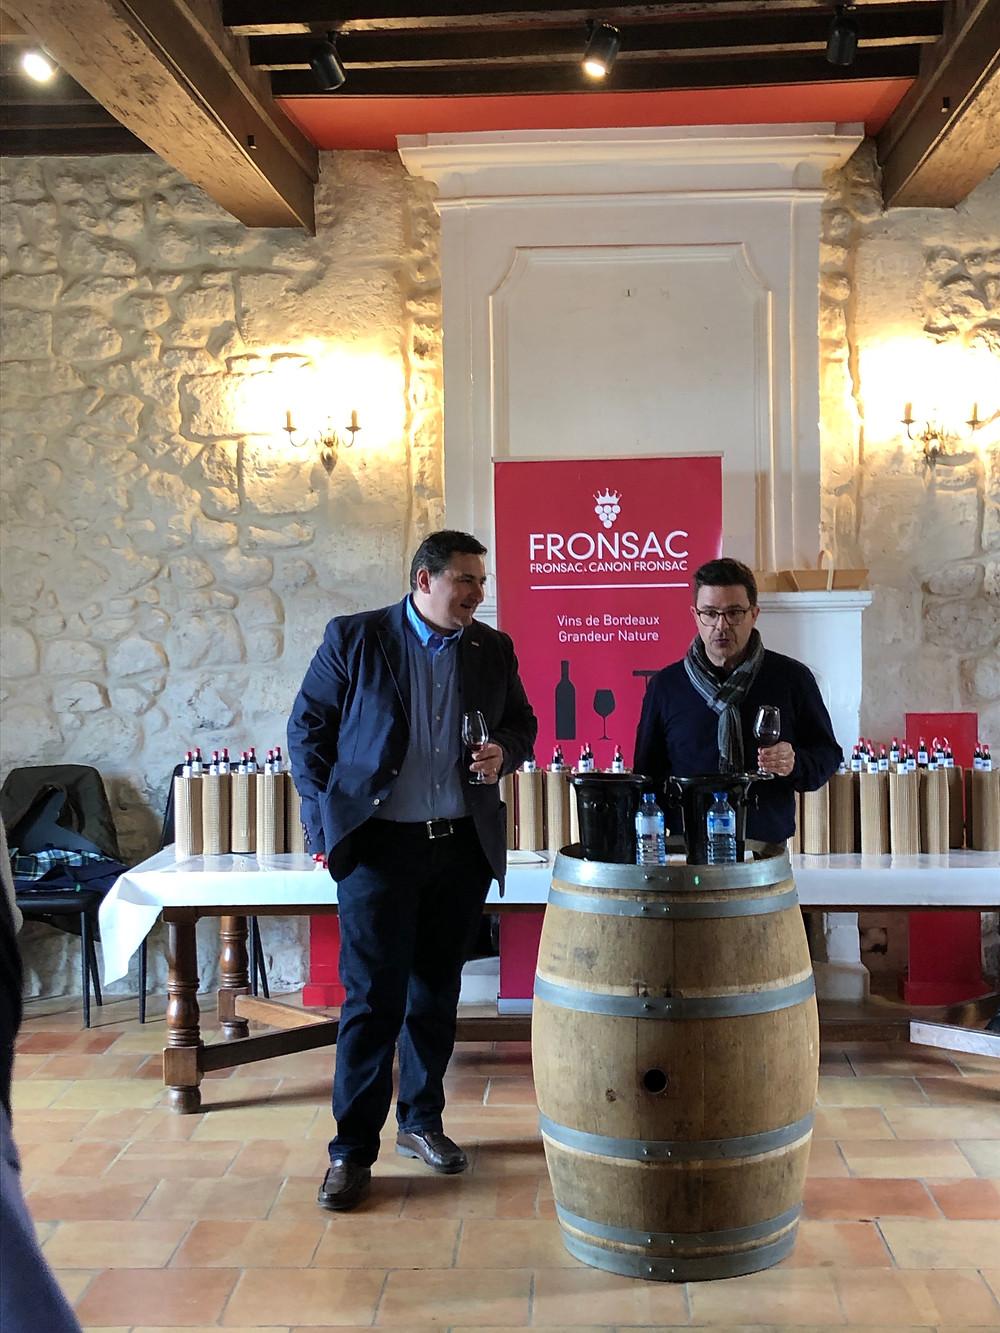 Chateau George 7 blind tasting of 2018 vintage